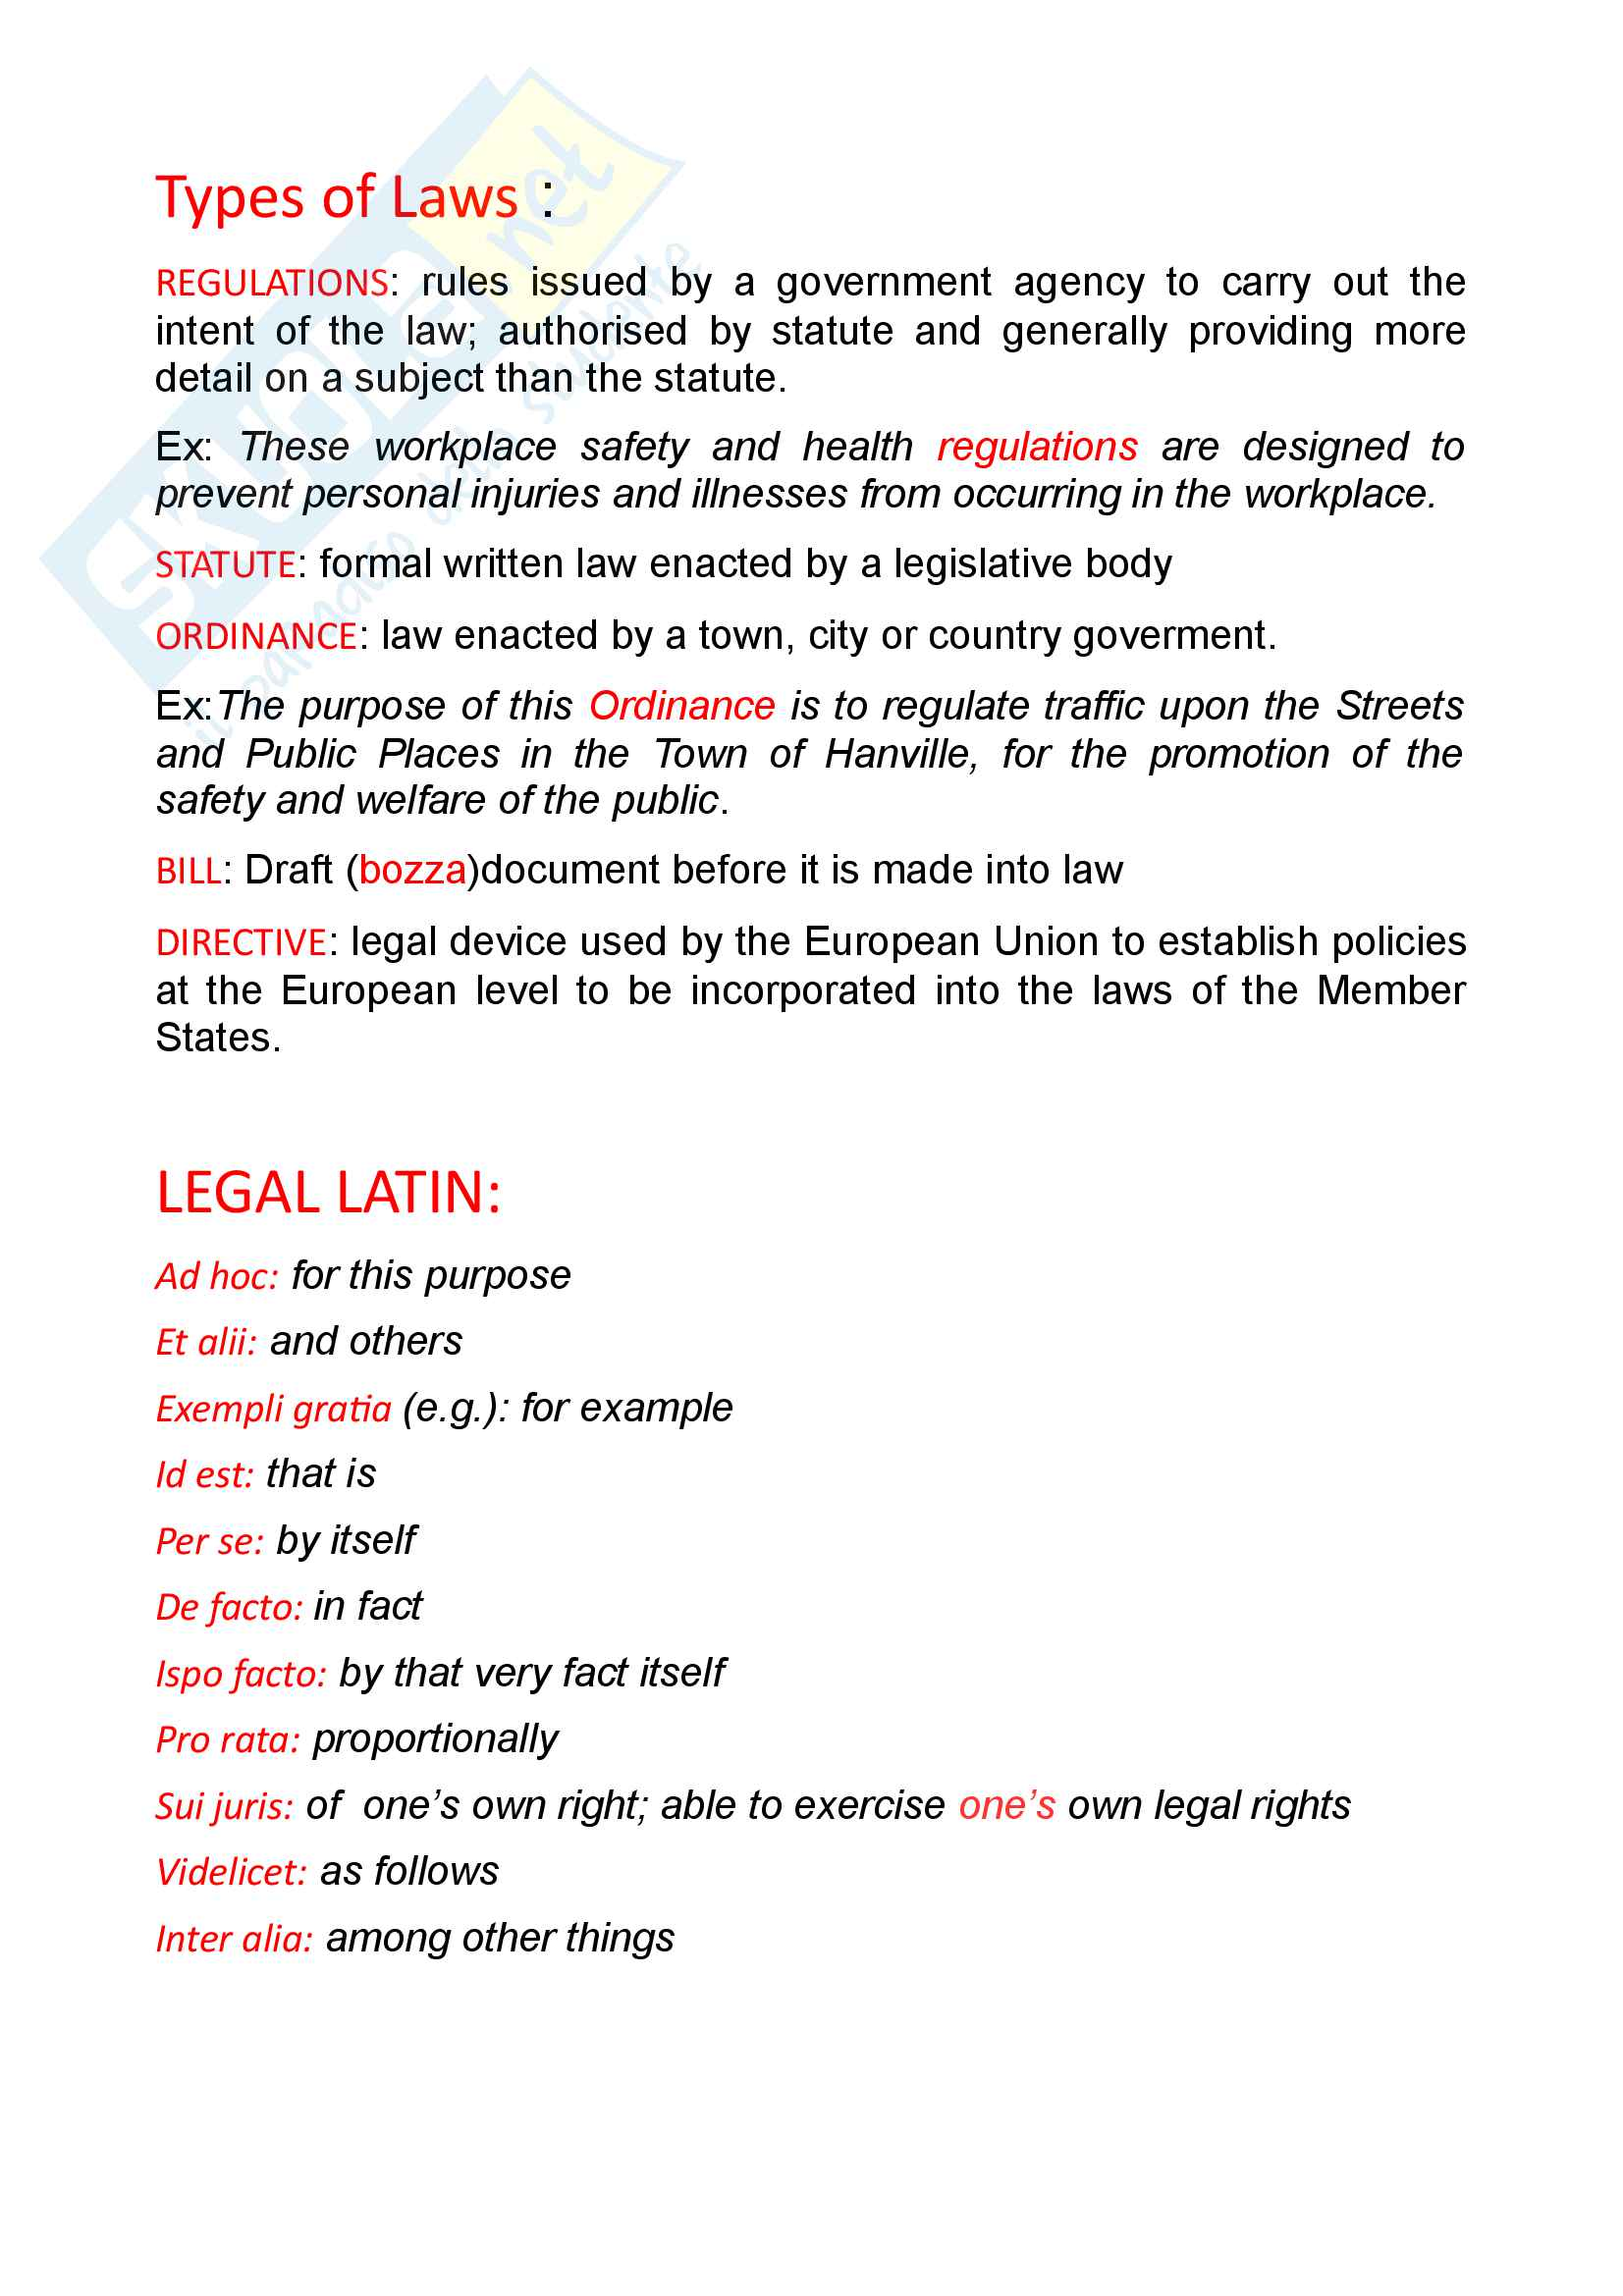 Legal English Pag. 2